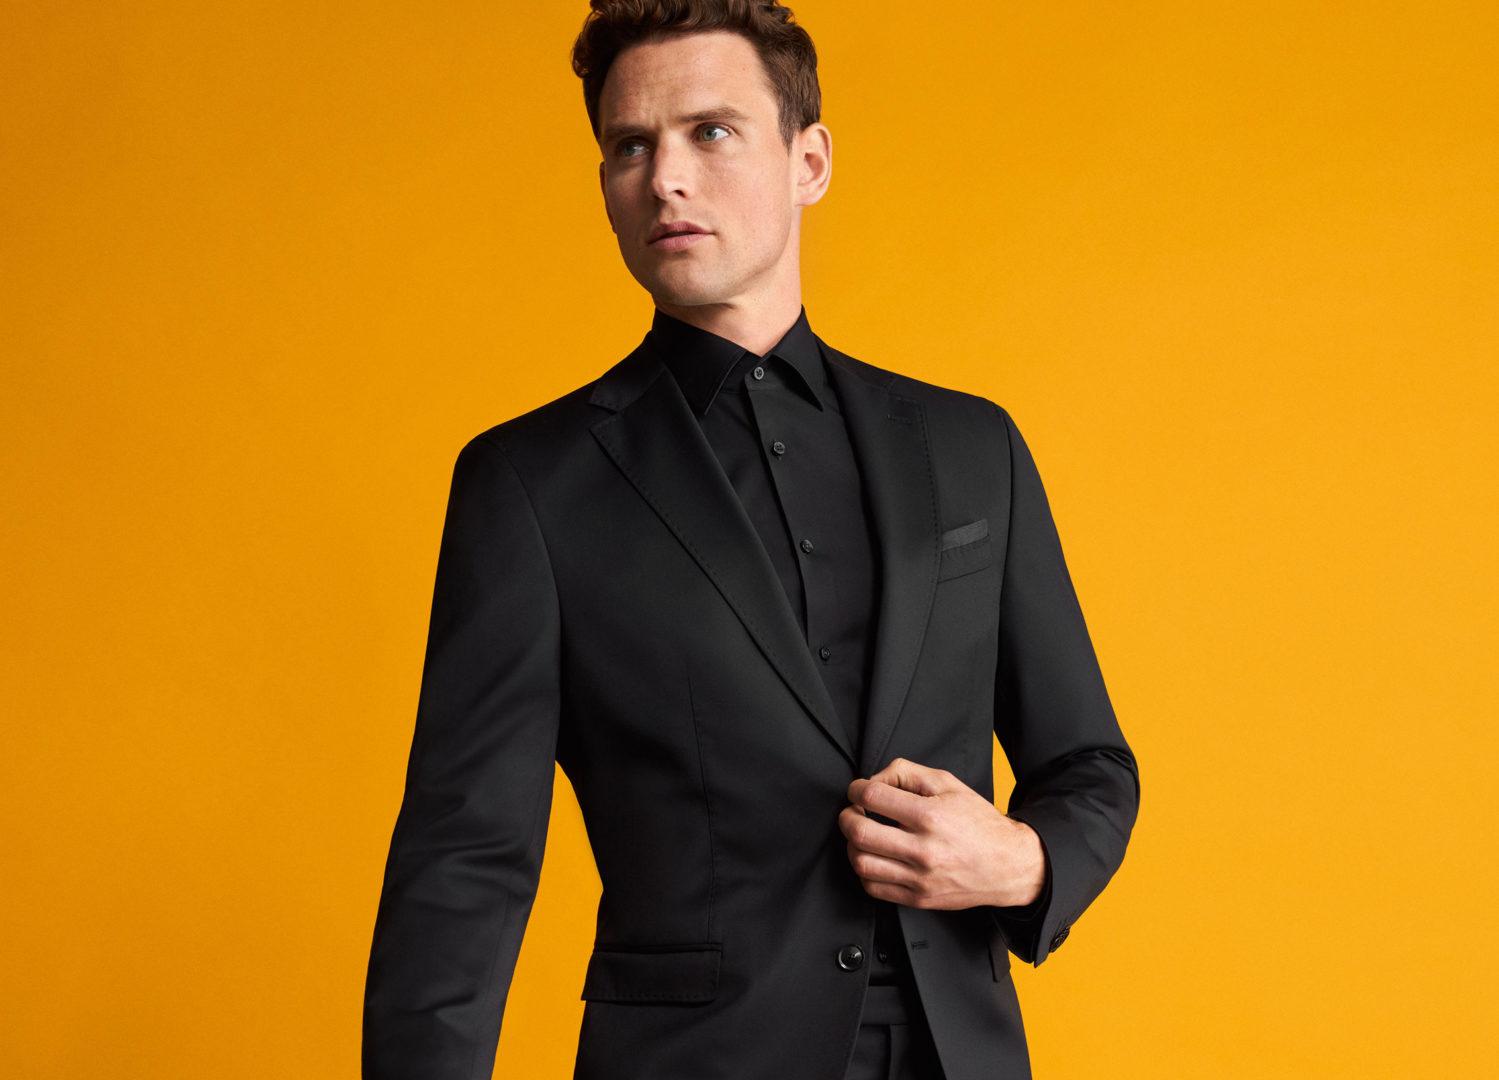 Μαυρο κλασικο κοστουμι